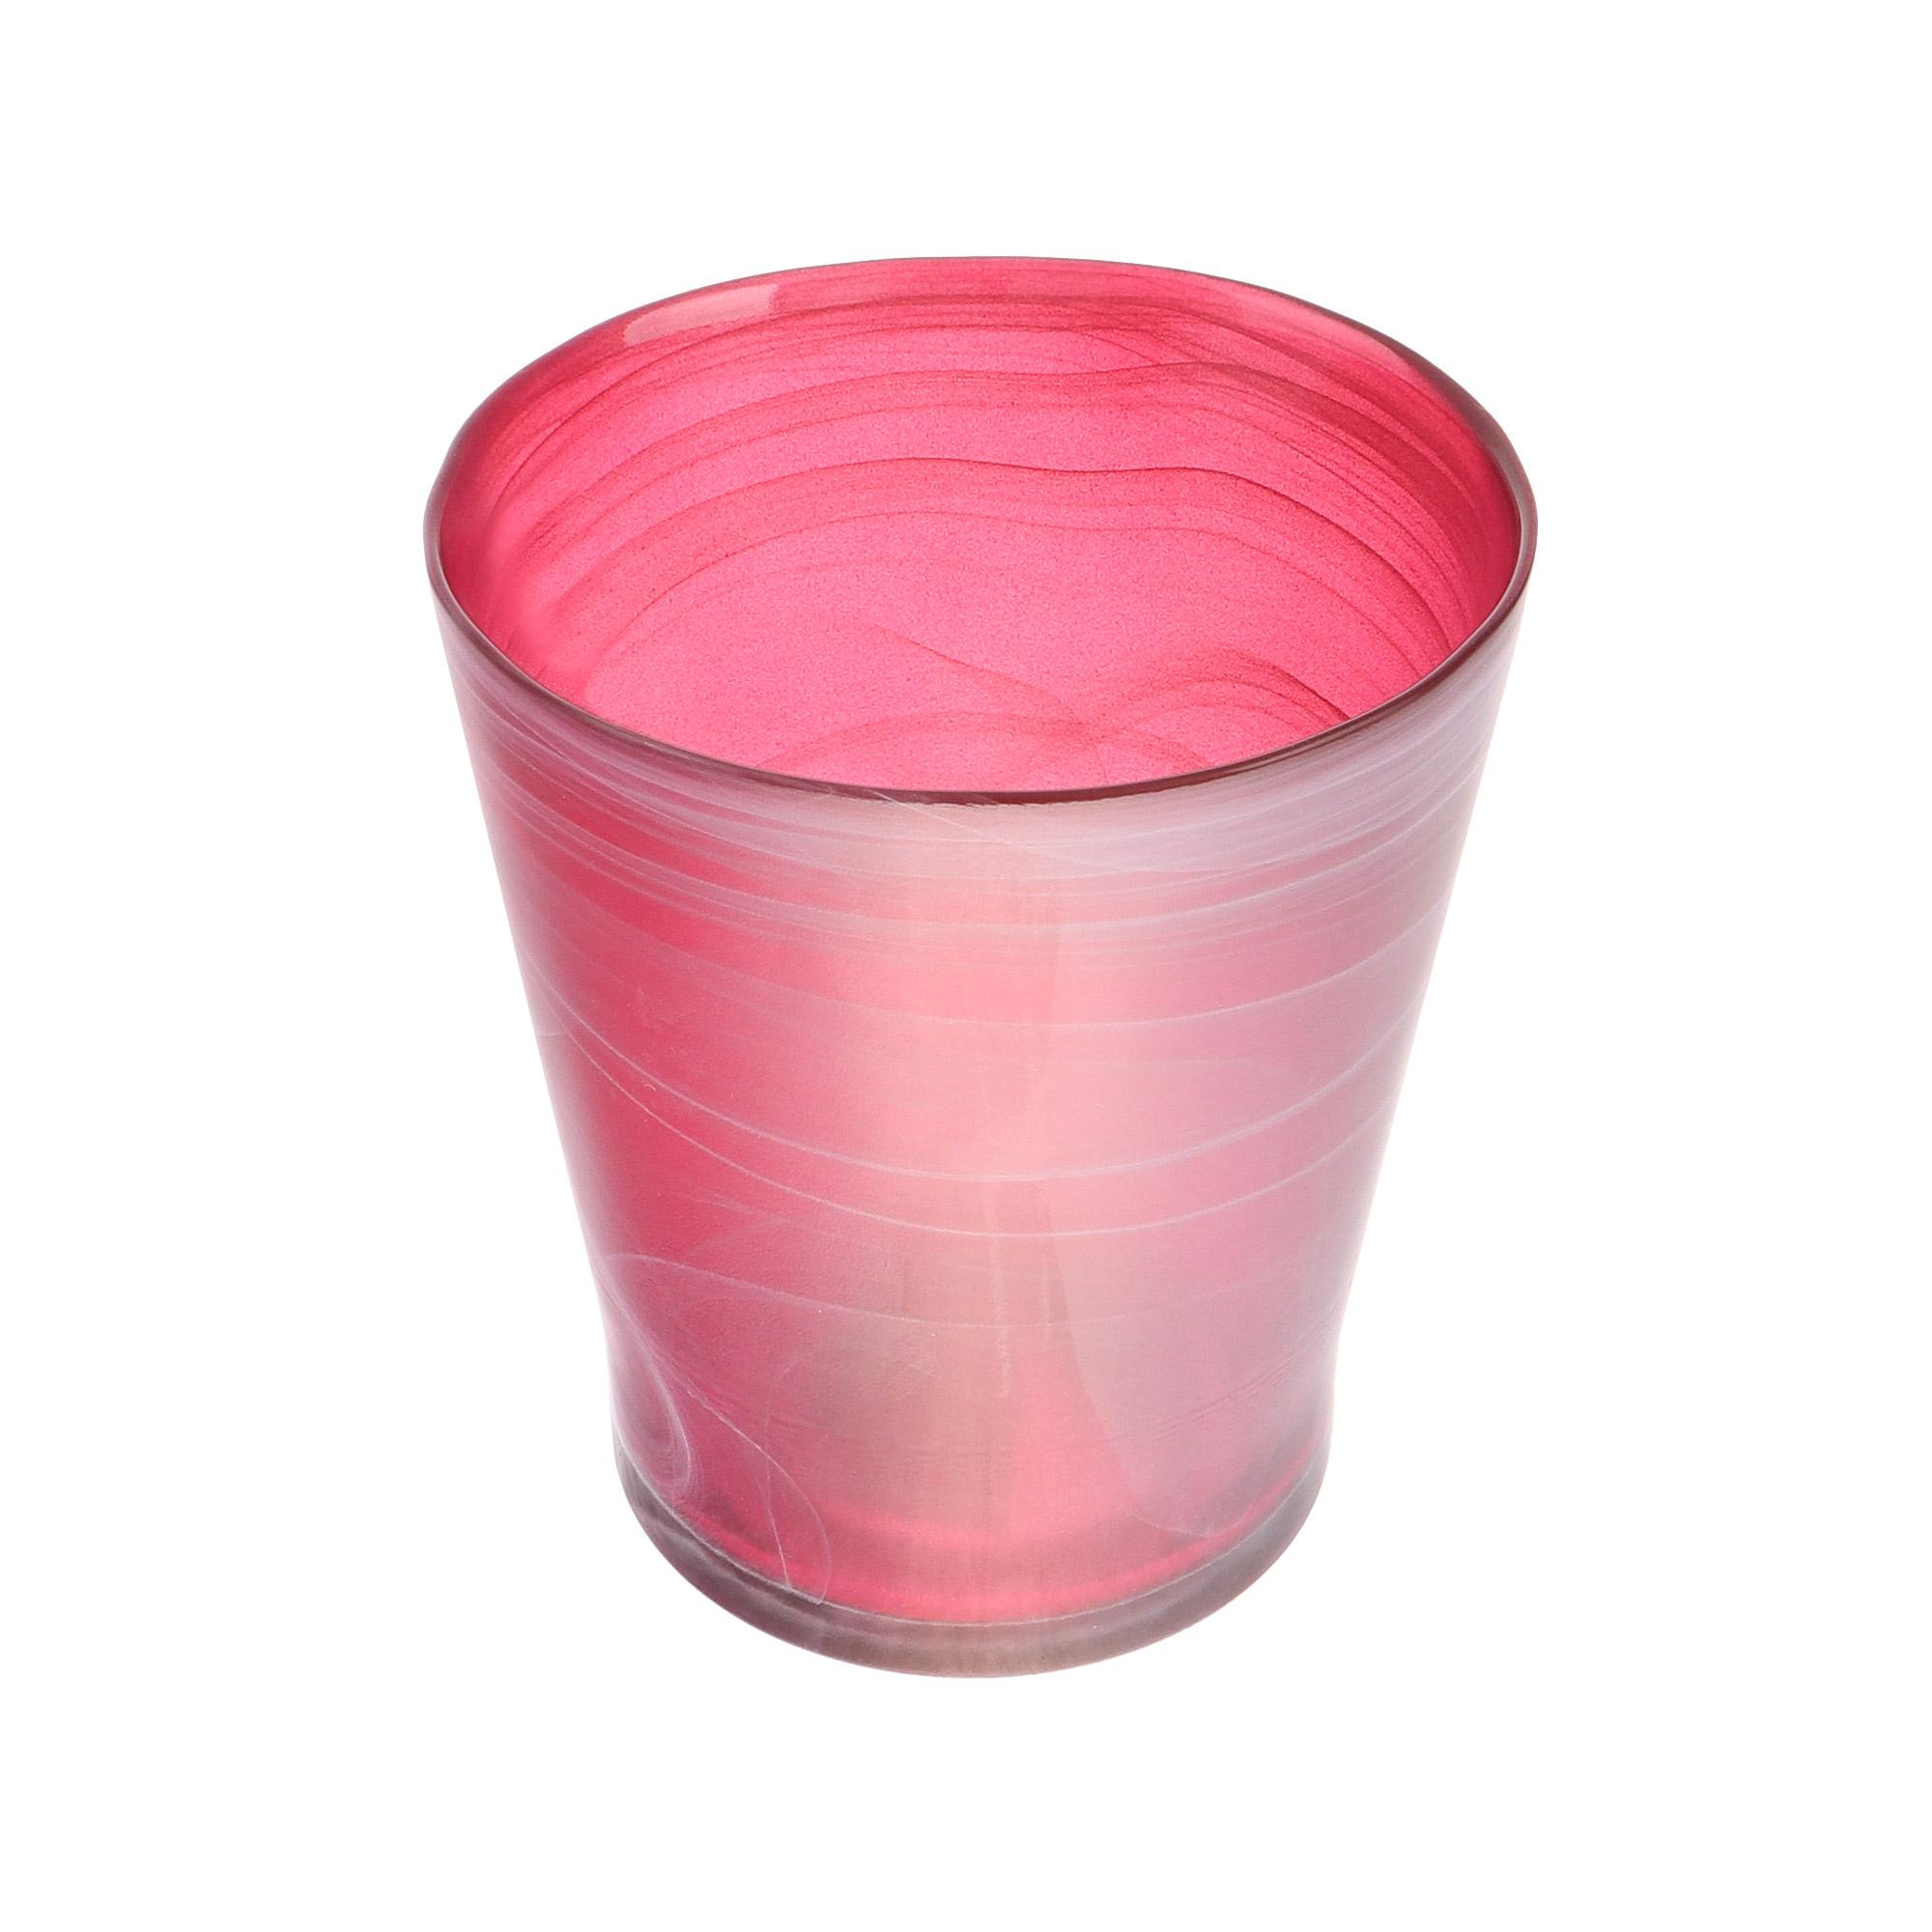 Кашпо для орхидей Soendgen salinas d13 светло-розовое недорого